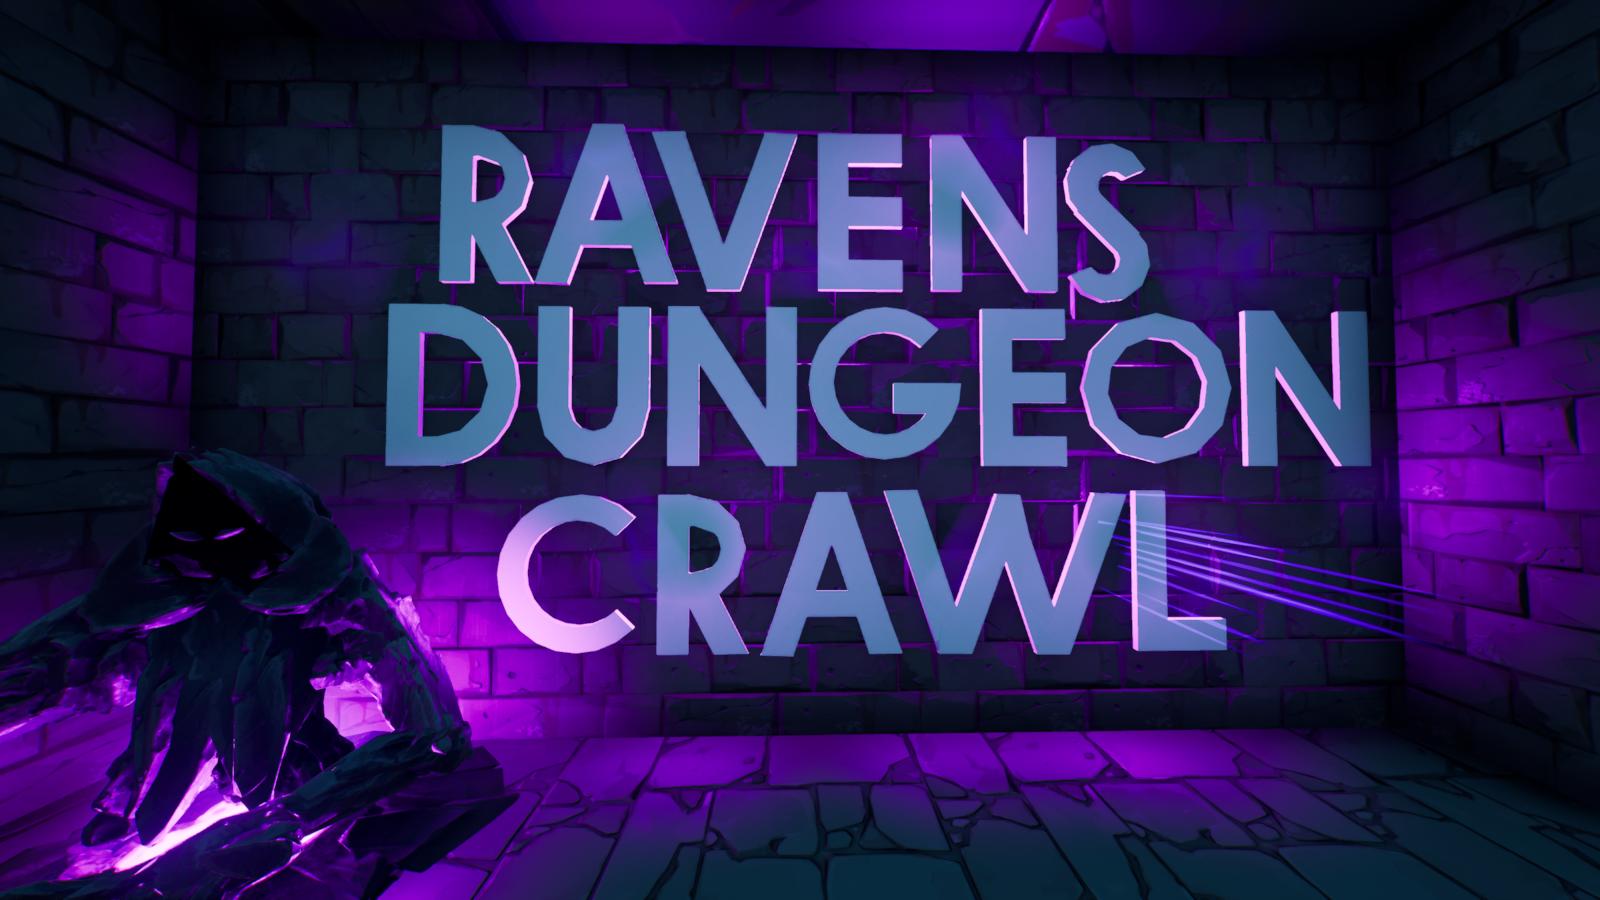 Raven's Dungeon Crawl 5097-7971-0190 by shasta1988